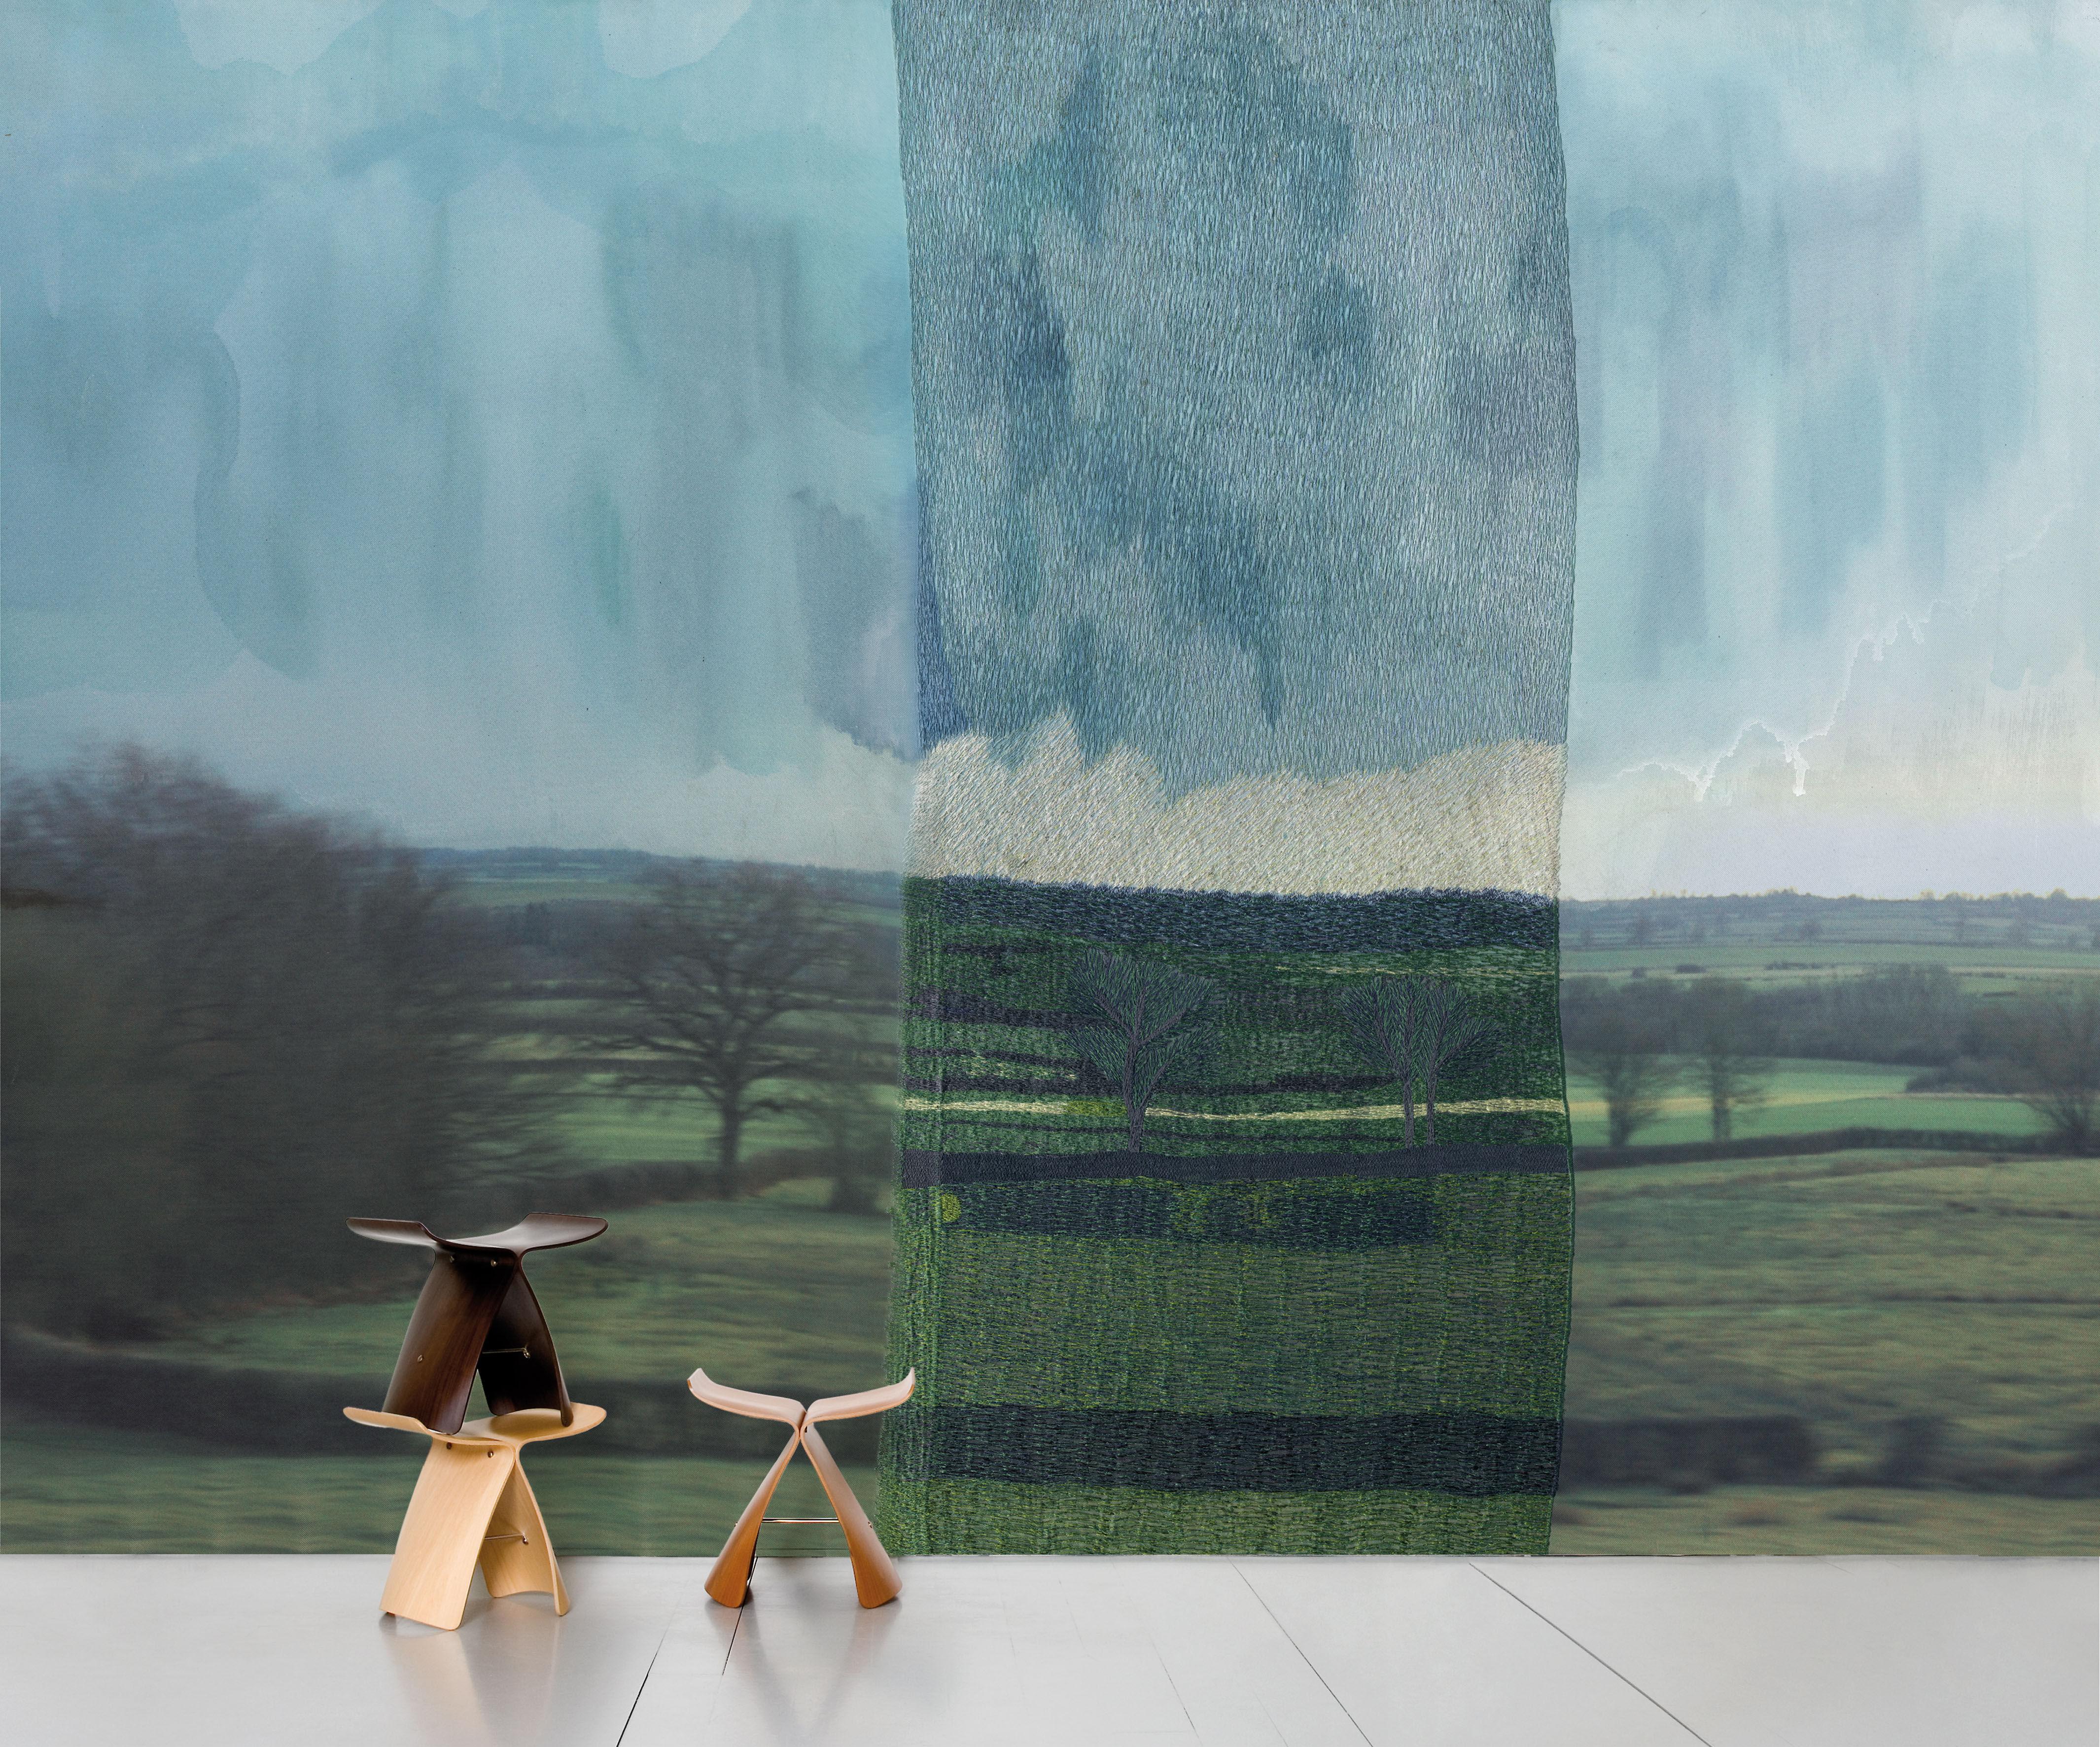 papier peint panoramique de l 39 autre c t le calme 8 l s. Black Bedroom Furniture Sets. Home Design Ideas